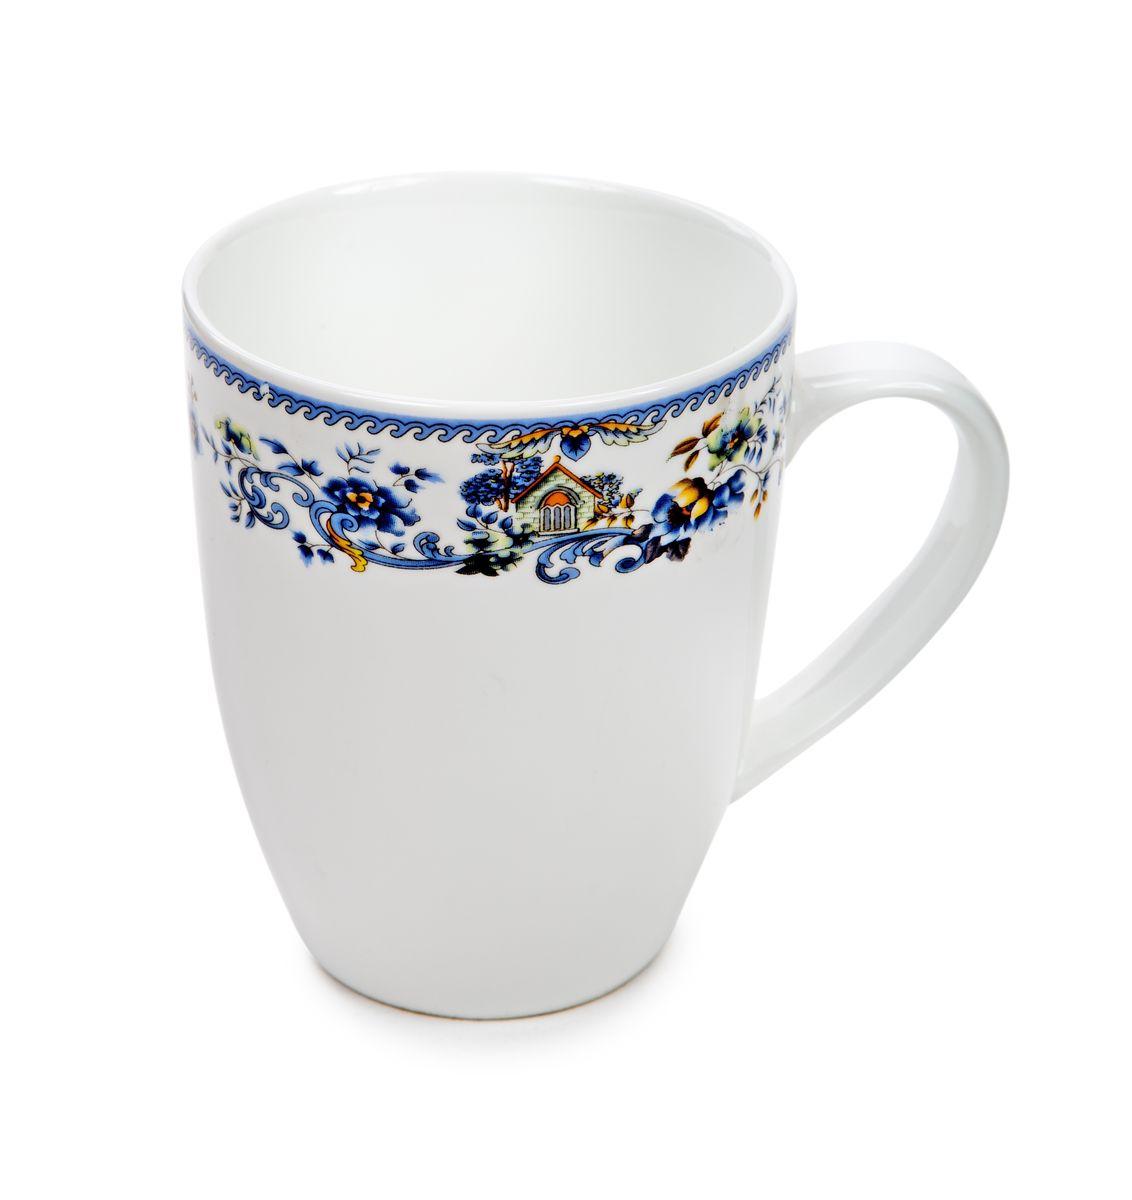 Кружка Nanshan Porcelain Пейзаж, 300 млGNNSH024360Кружка Nanshan Porcelain Пейзаж изготовлена из высококачественного фарфора с подглазурнойдеколью, что защищает рисунок от истирания и продлевает срок эксплуатации посуды.Посуда безопасна для здоровья и окружающей среды, не содержит свинец и кадмий.Можно использовать в микроволновой печи и мыть в посудомоечноймашине.Объем: 300 мл. Диаметр (по верхнему краю): 8 см. Высота кружки: 10 см.